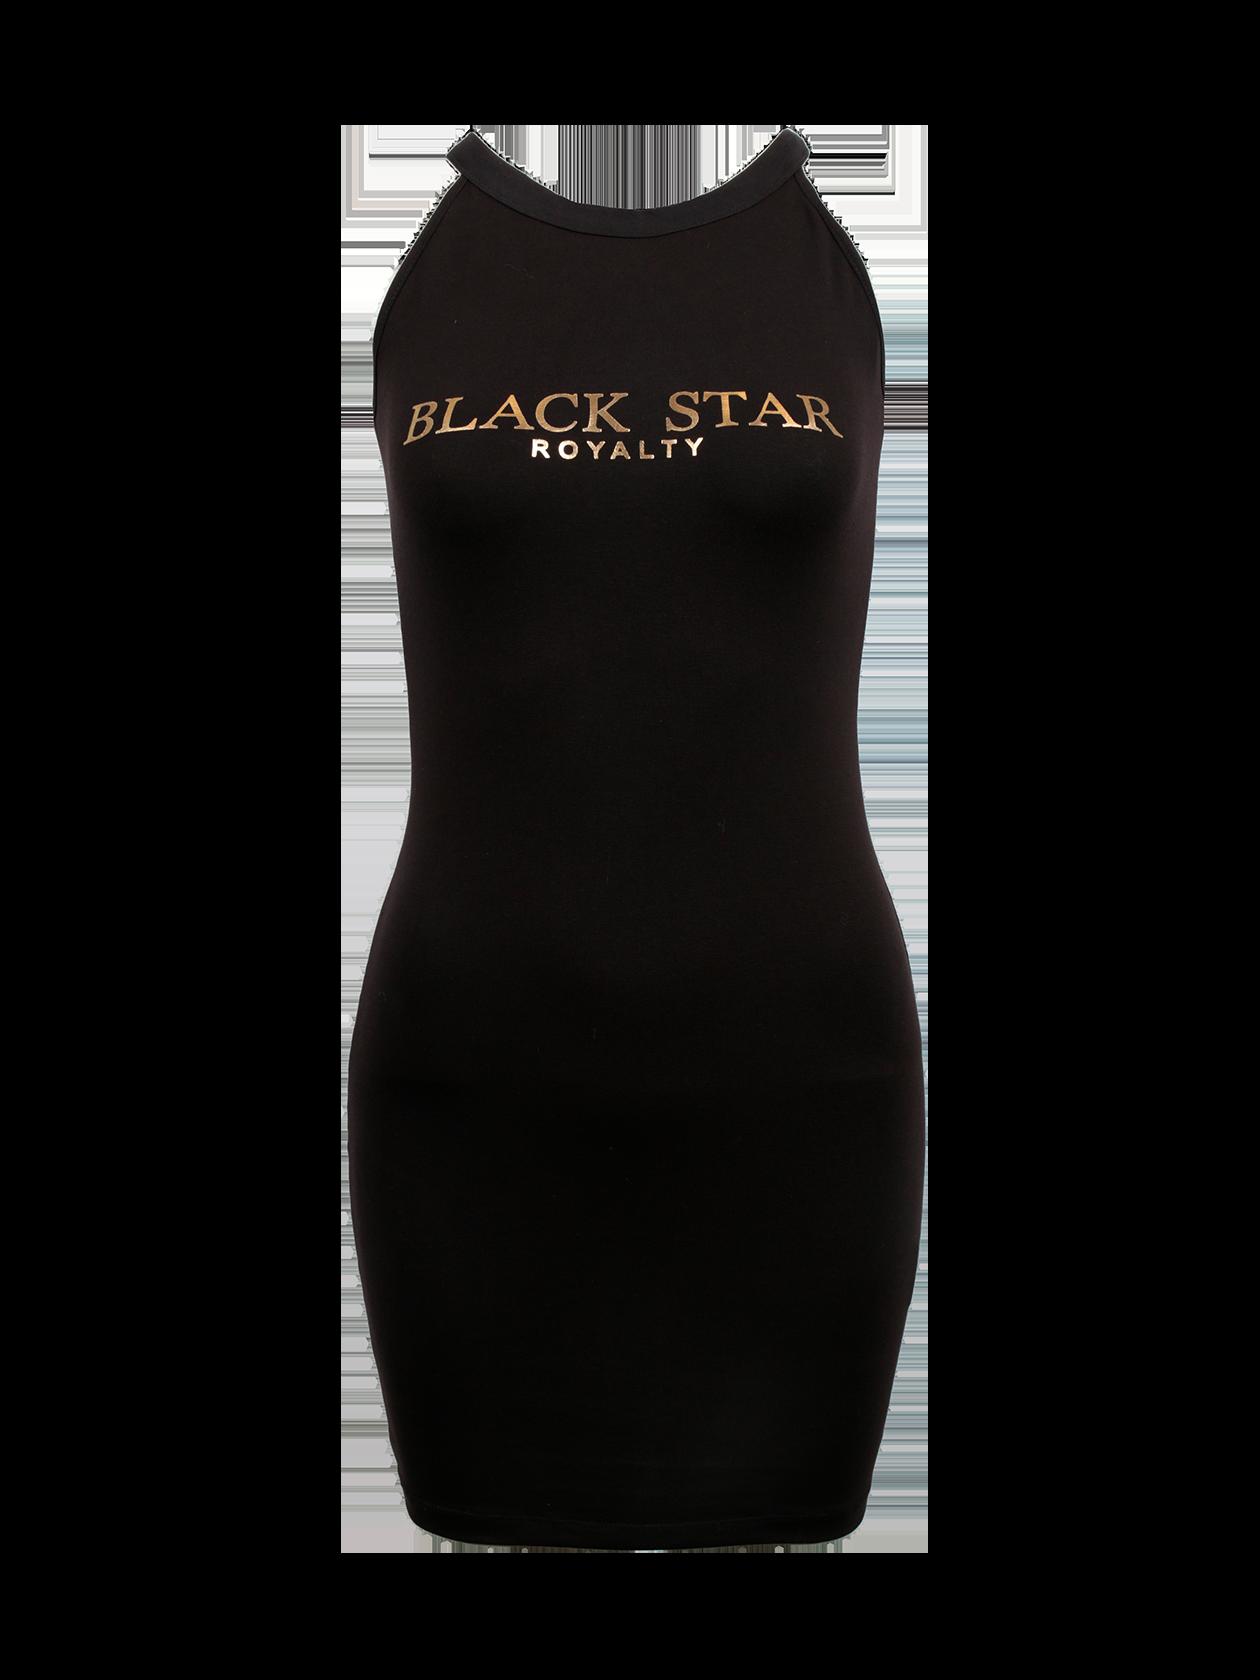 Платье женское ROYALTY COLLARСтильное платье женское Royalty Collar поможет разнообразить повседневный лук. Модель базового черного цвета с яркой надписью на груди «Black Star Royalty» золотыми буквами. Изделие обладает облегающим силуэтом с длиной до середины бедра. Горловина оформлена в форме глубокой лодочки, рукав отсутствует. Практичность вещи обеспечивается натуральным хлопком премиального качества. Платье сочетается со спортивной и классической обувью, подходит для отдыха, прогулок, встреч с друзьями.<br><br>Размер: S<br>Цвет: Черный<br>Пол: Женский